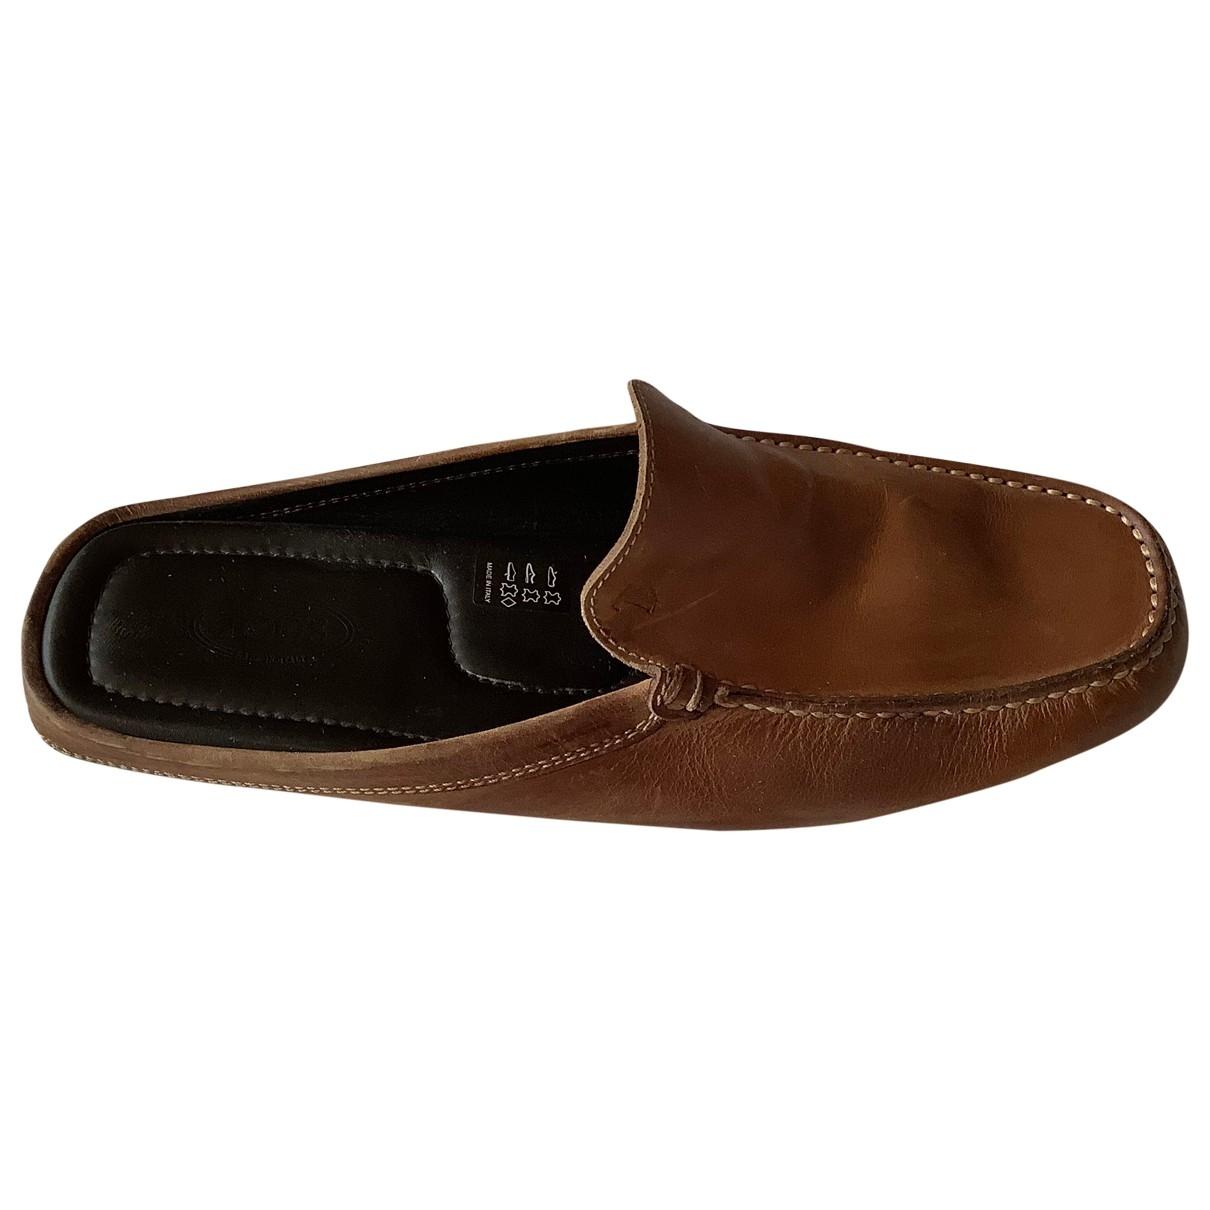 Tods - Sandales   pour homme en cuir - camel